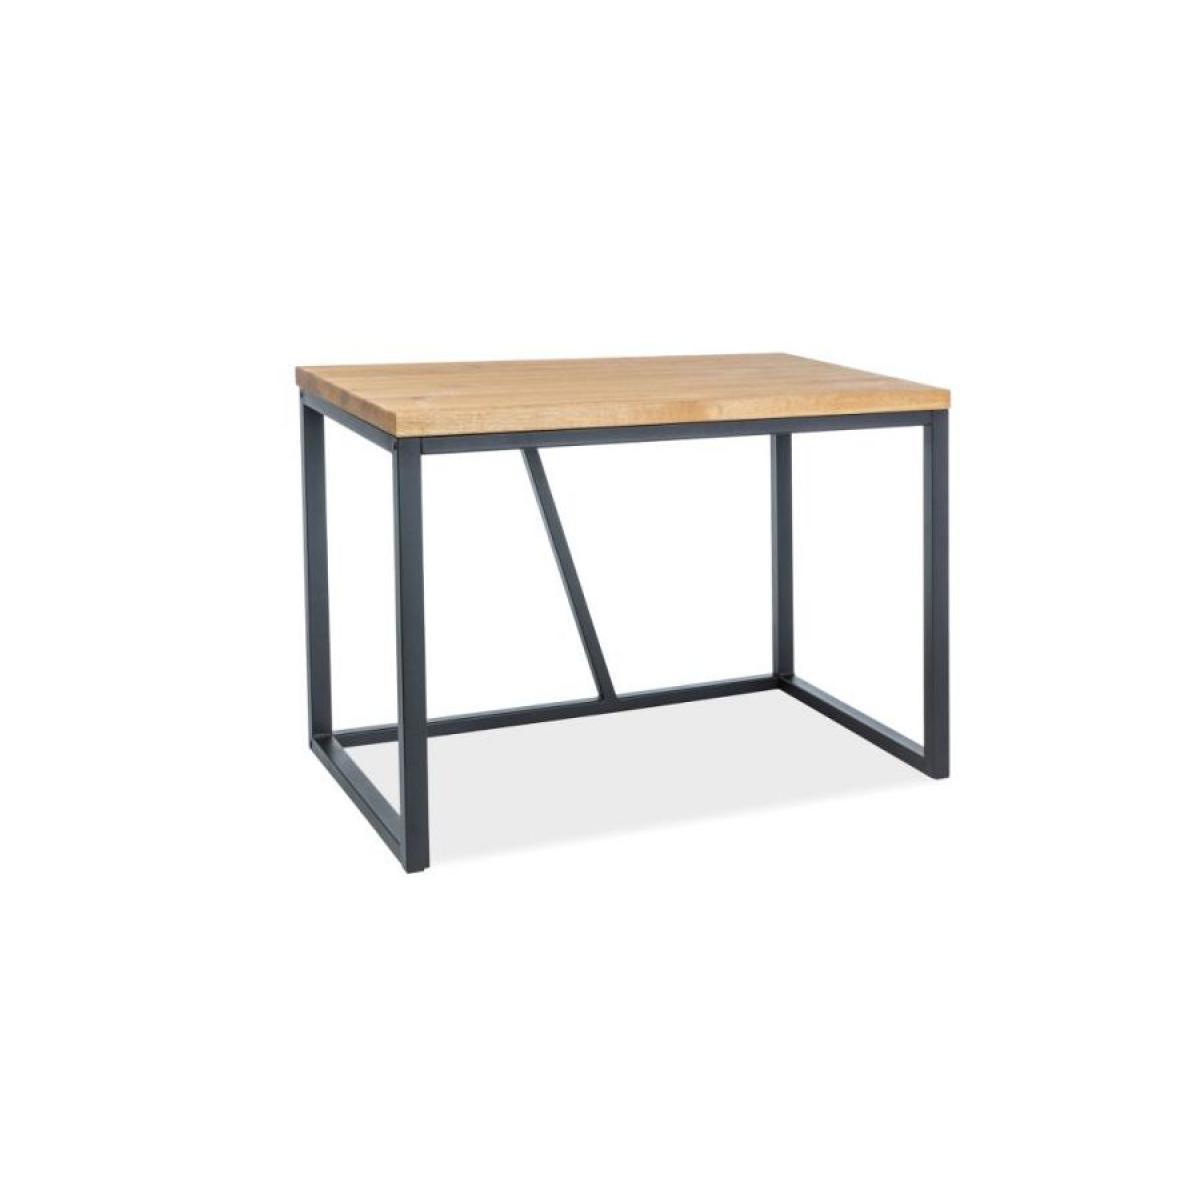 Hucoco SILDIO | Bureau d'ordinateur moderne style industriel | Dimensions 75x110x60 | Plateau en bois massif | Table d'ordinate